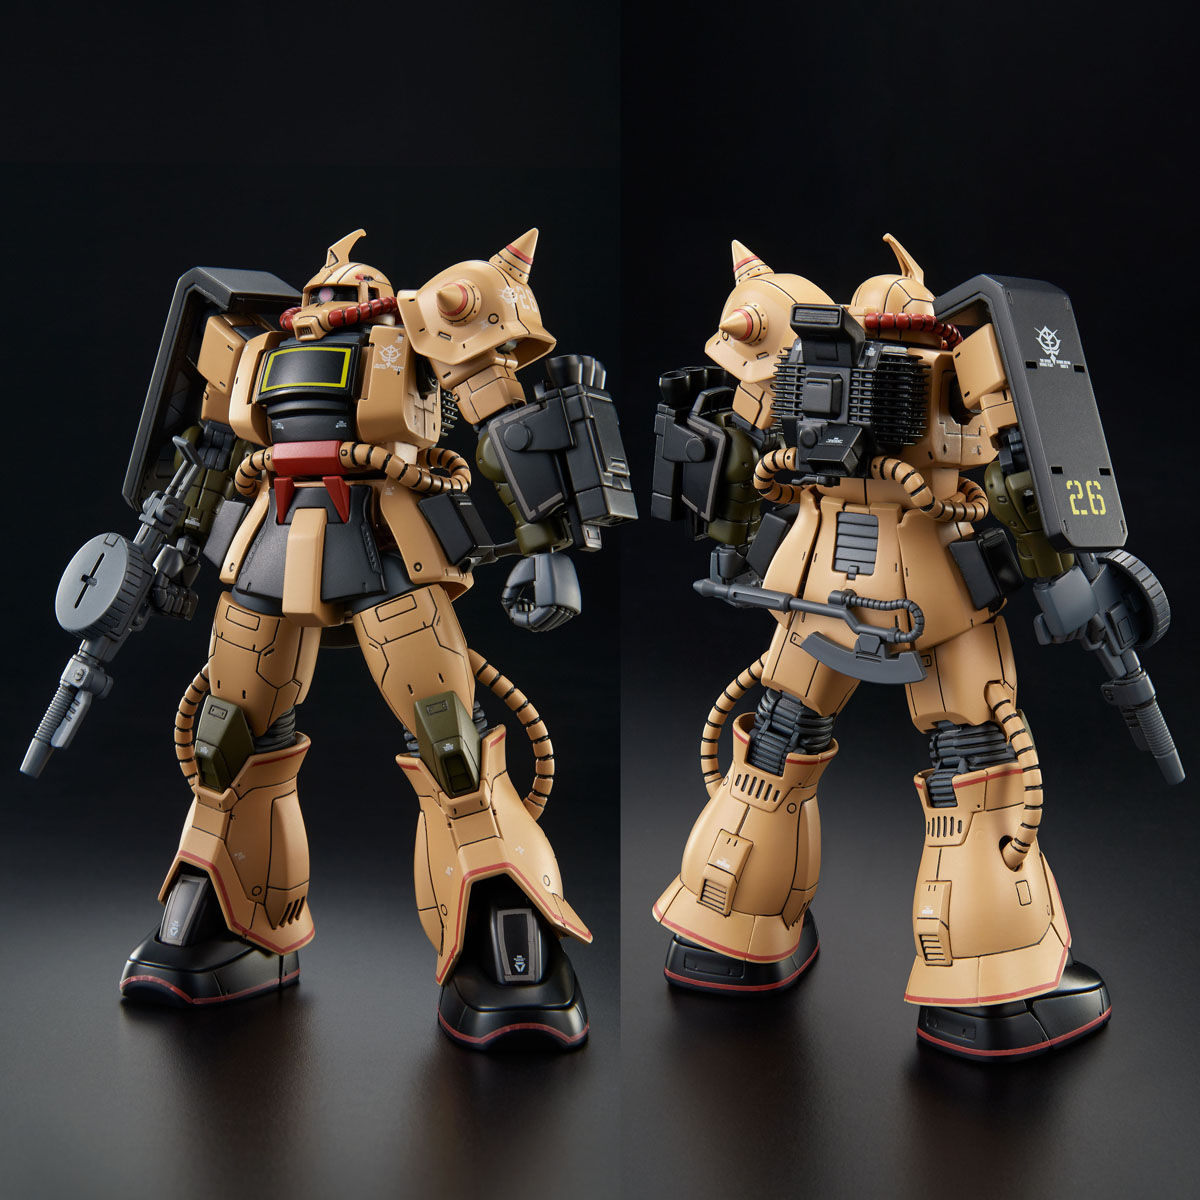 HG 1/144 ザク・デザートタイプ